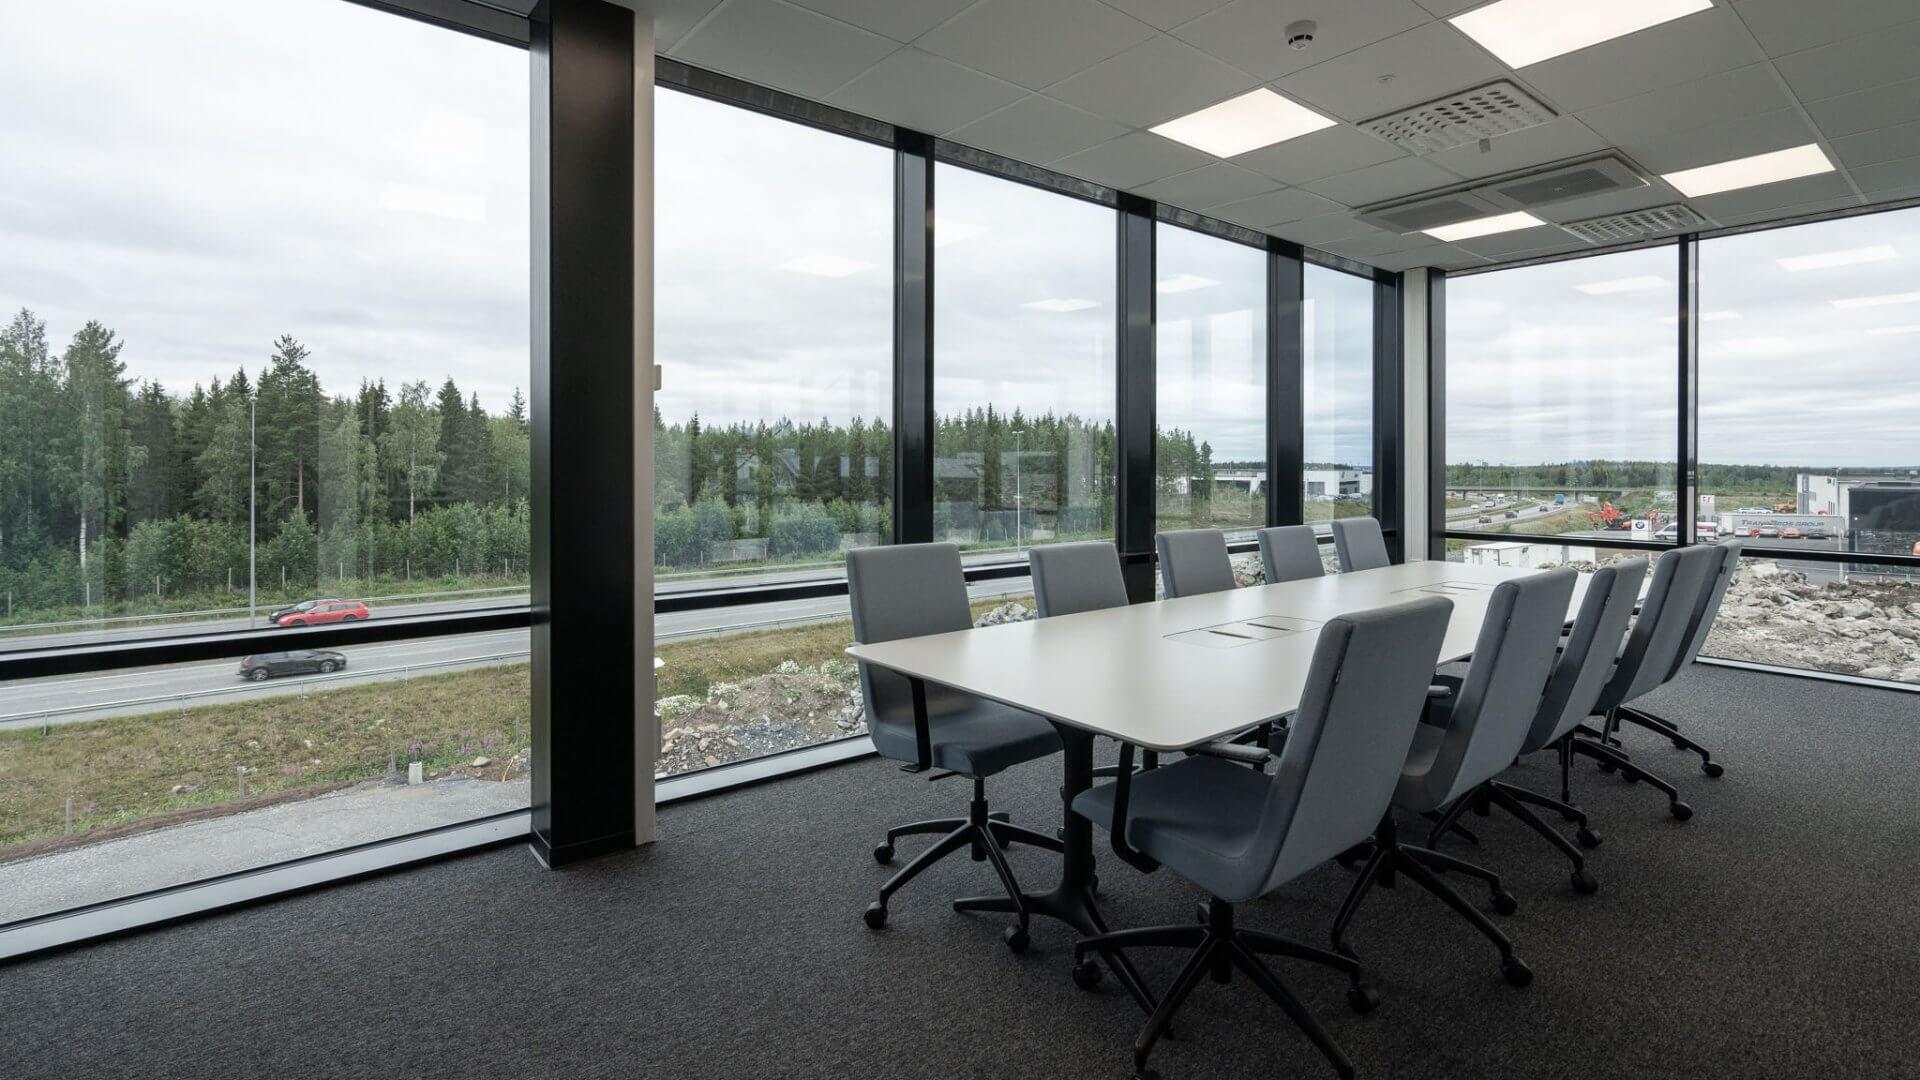 Linnakallio Magnum, toimisto- ja tuotantotiloja useammalle yritykselle. 5